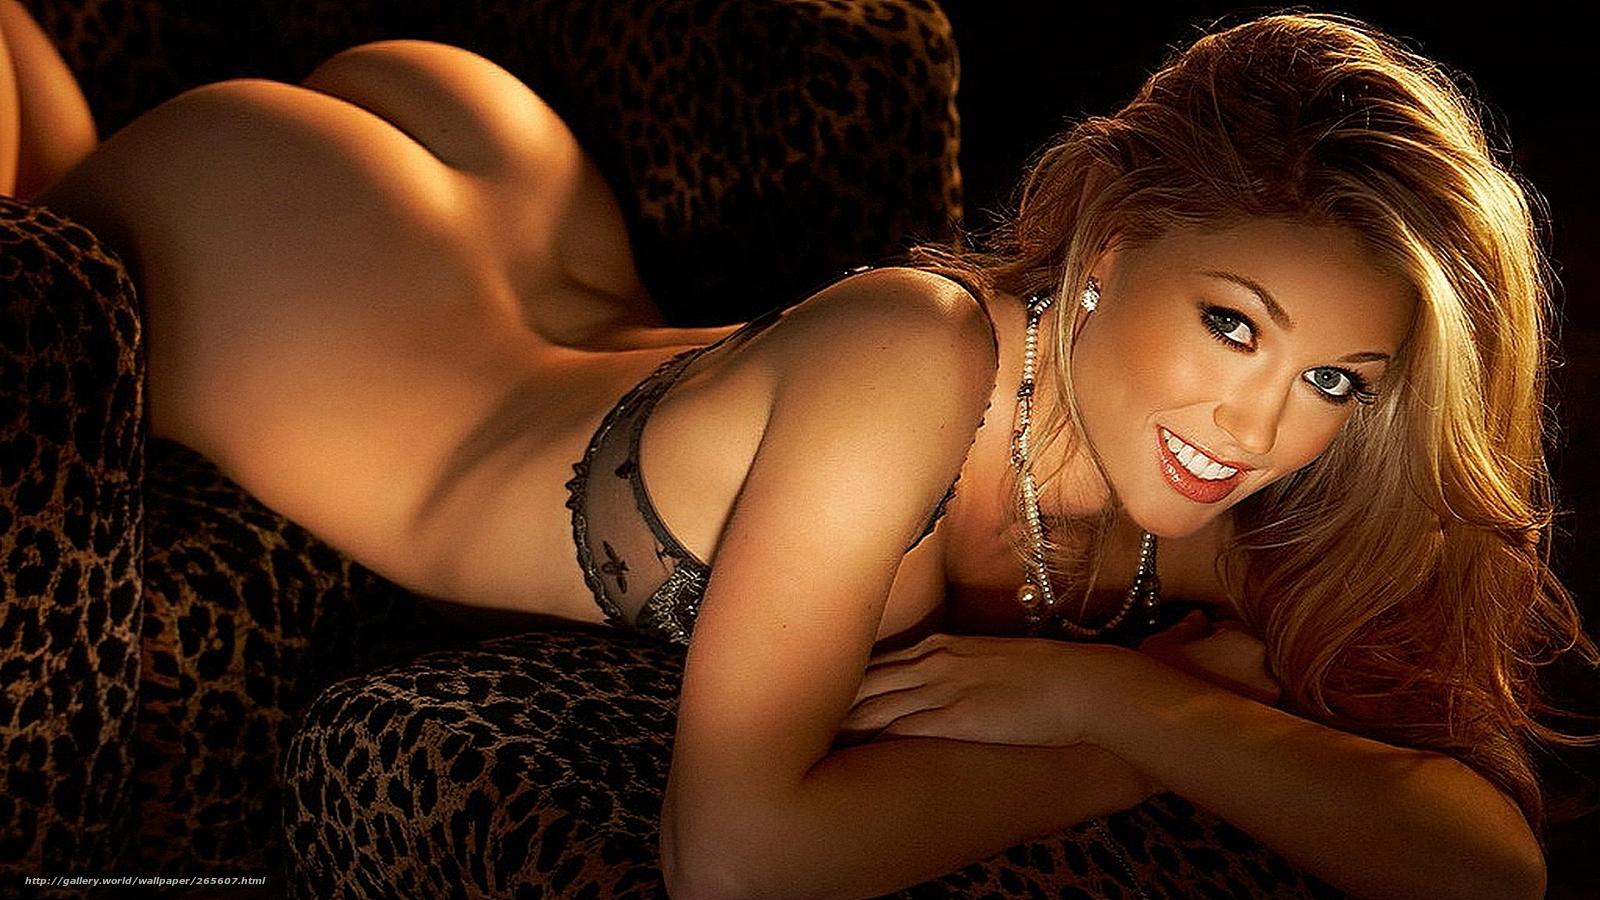 Фото сексуальный девушек украина 2 фотография